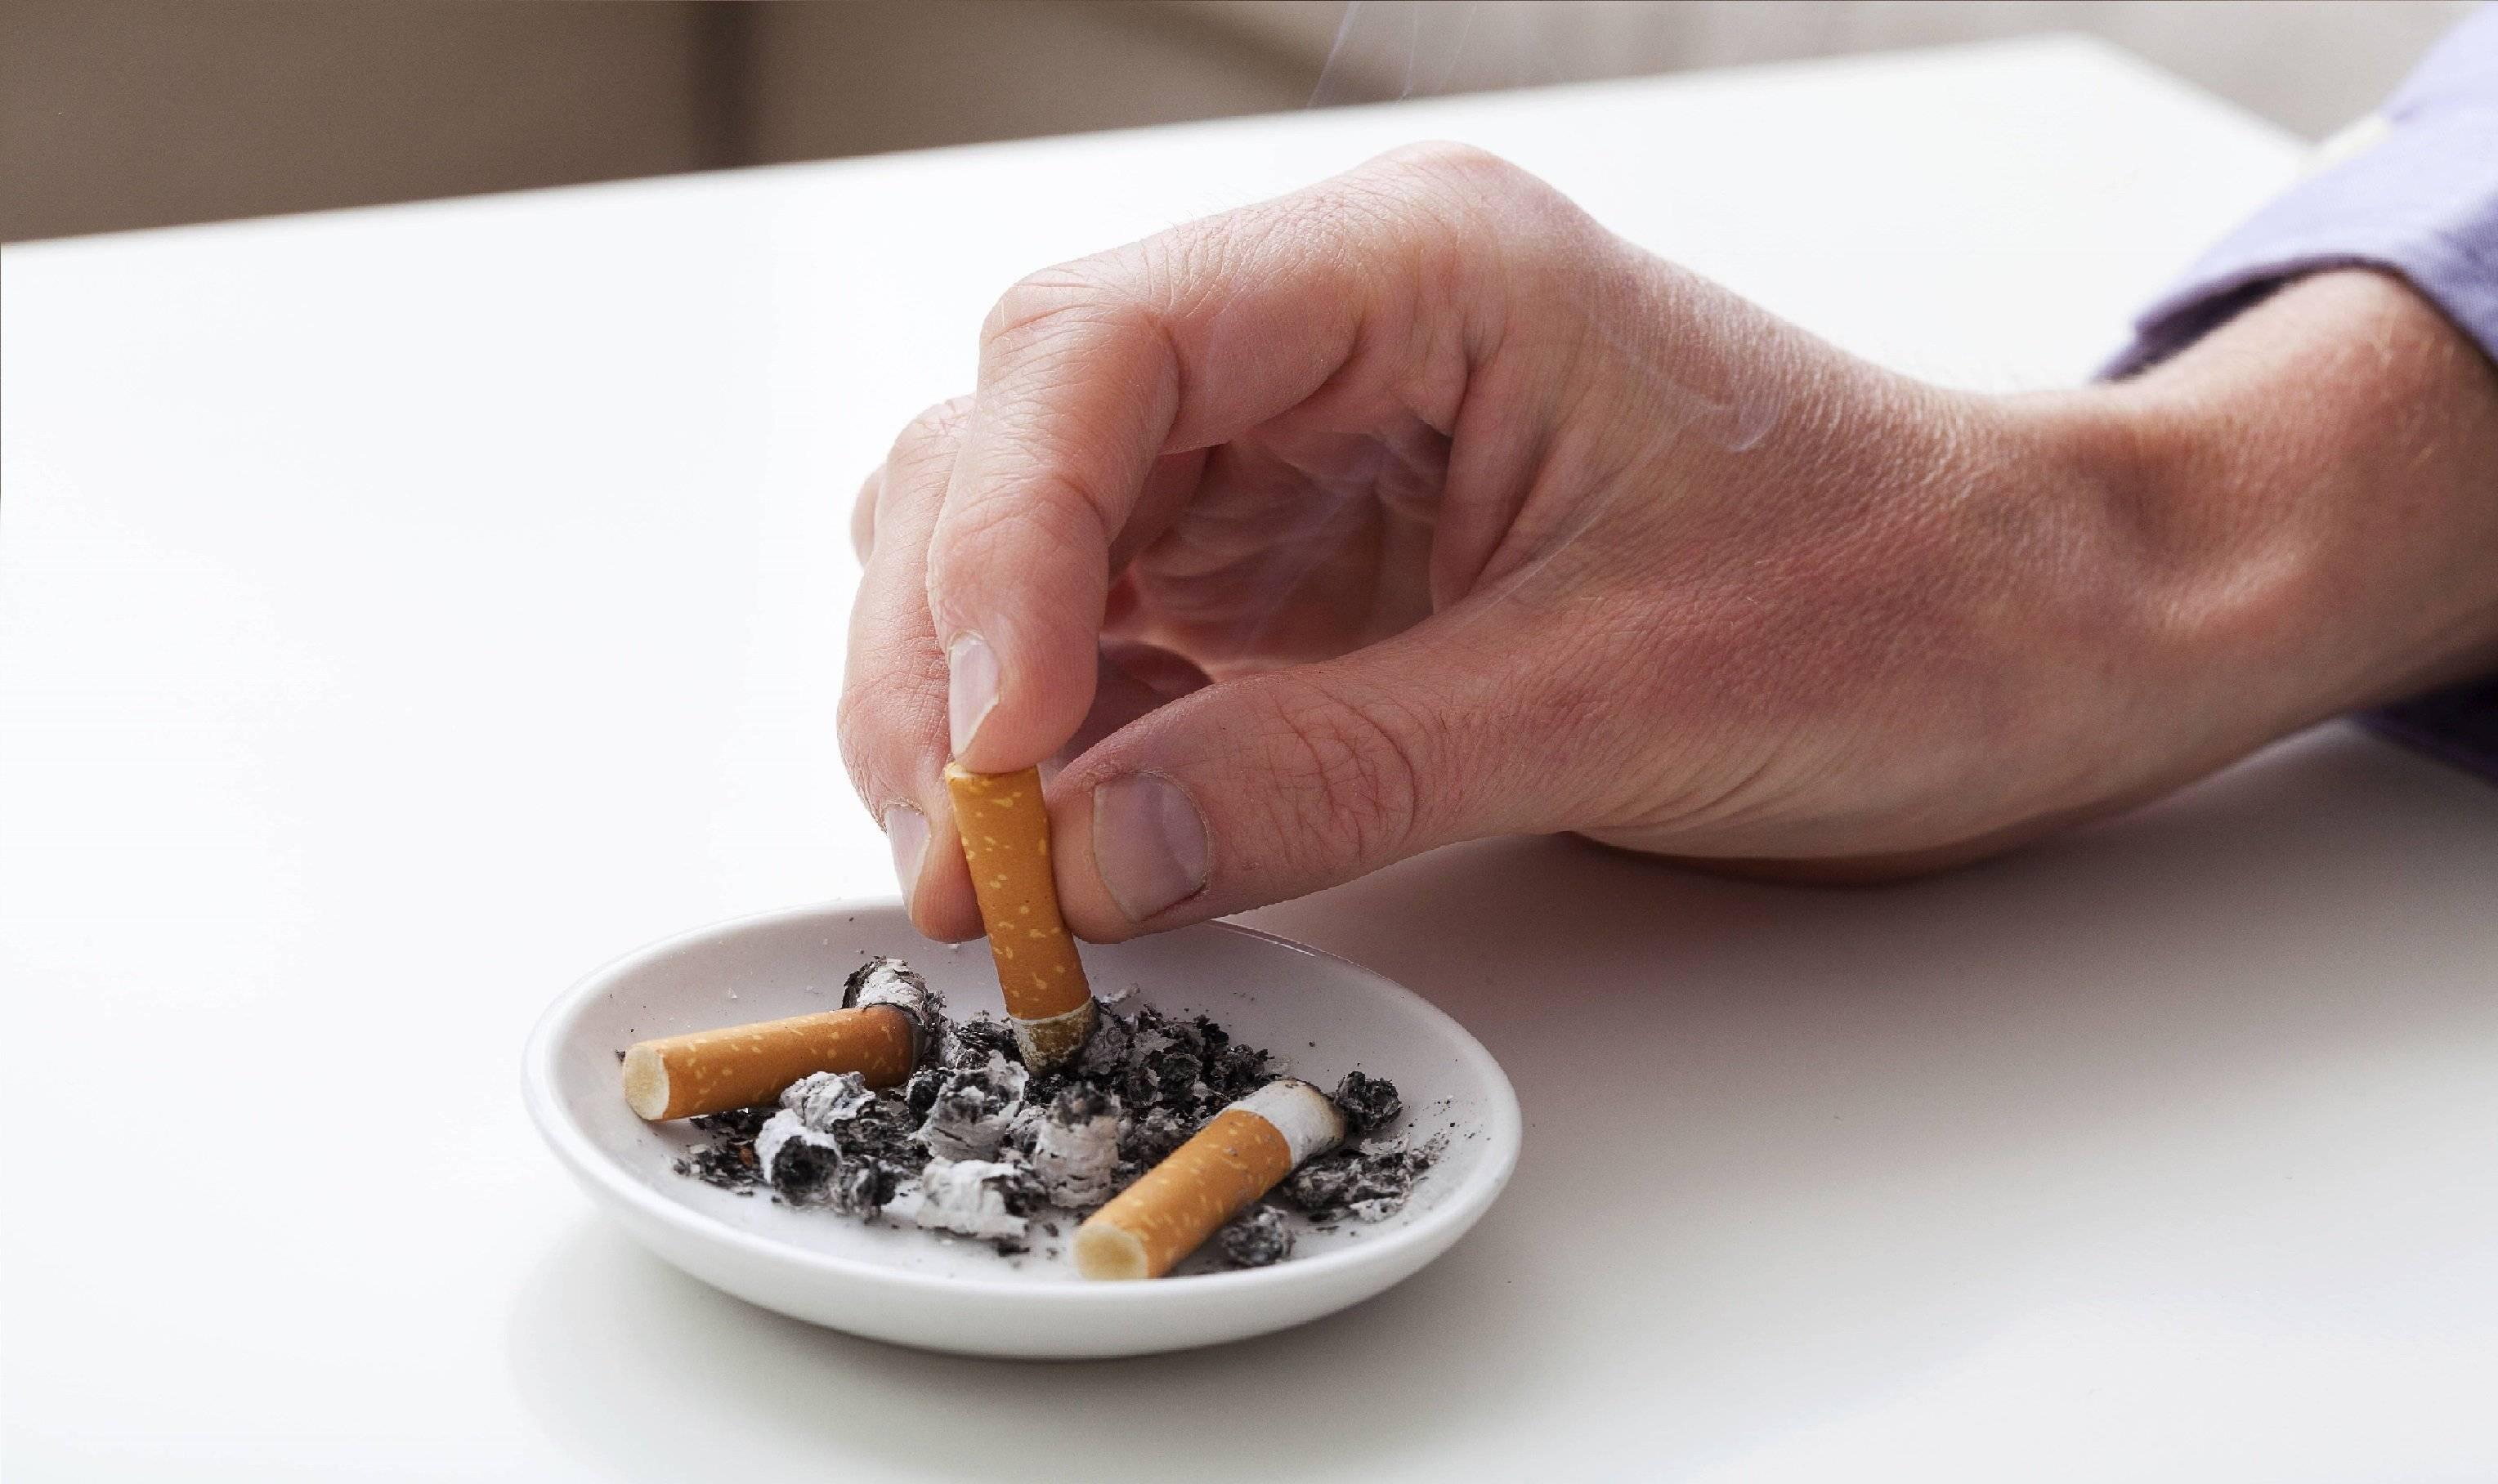 Бросили курить? как меняется ваше тело и мозг день за днем. что происходит после отказа от курения